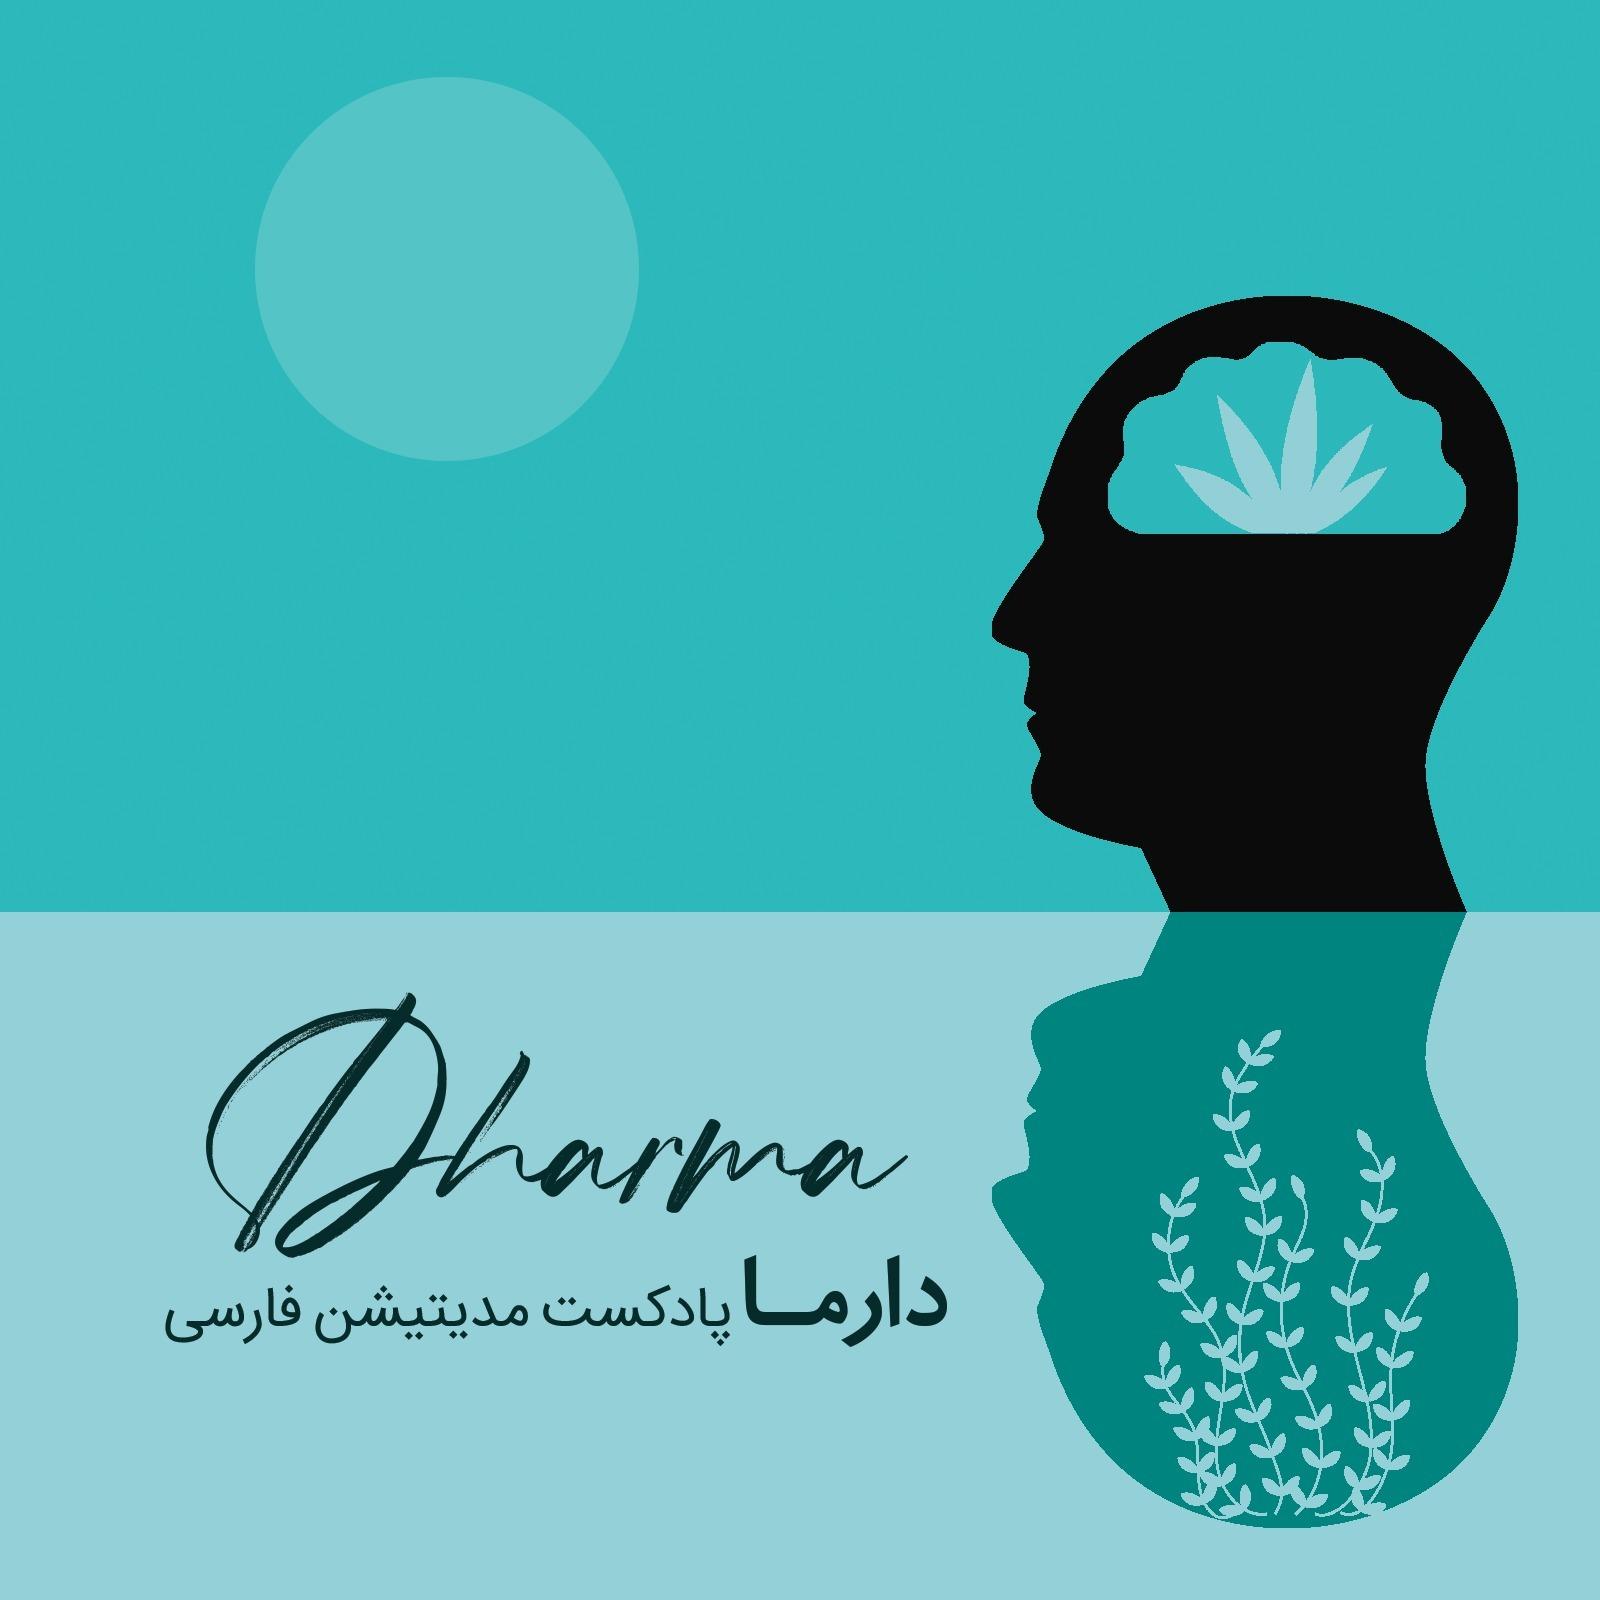 ذهن آگاهی پیشرفته